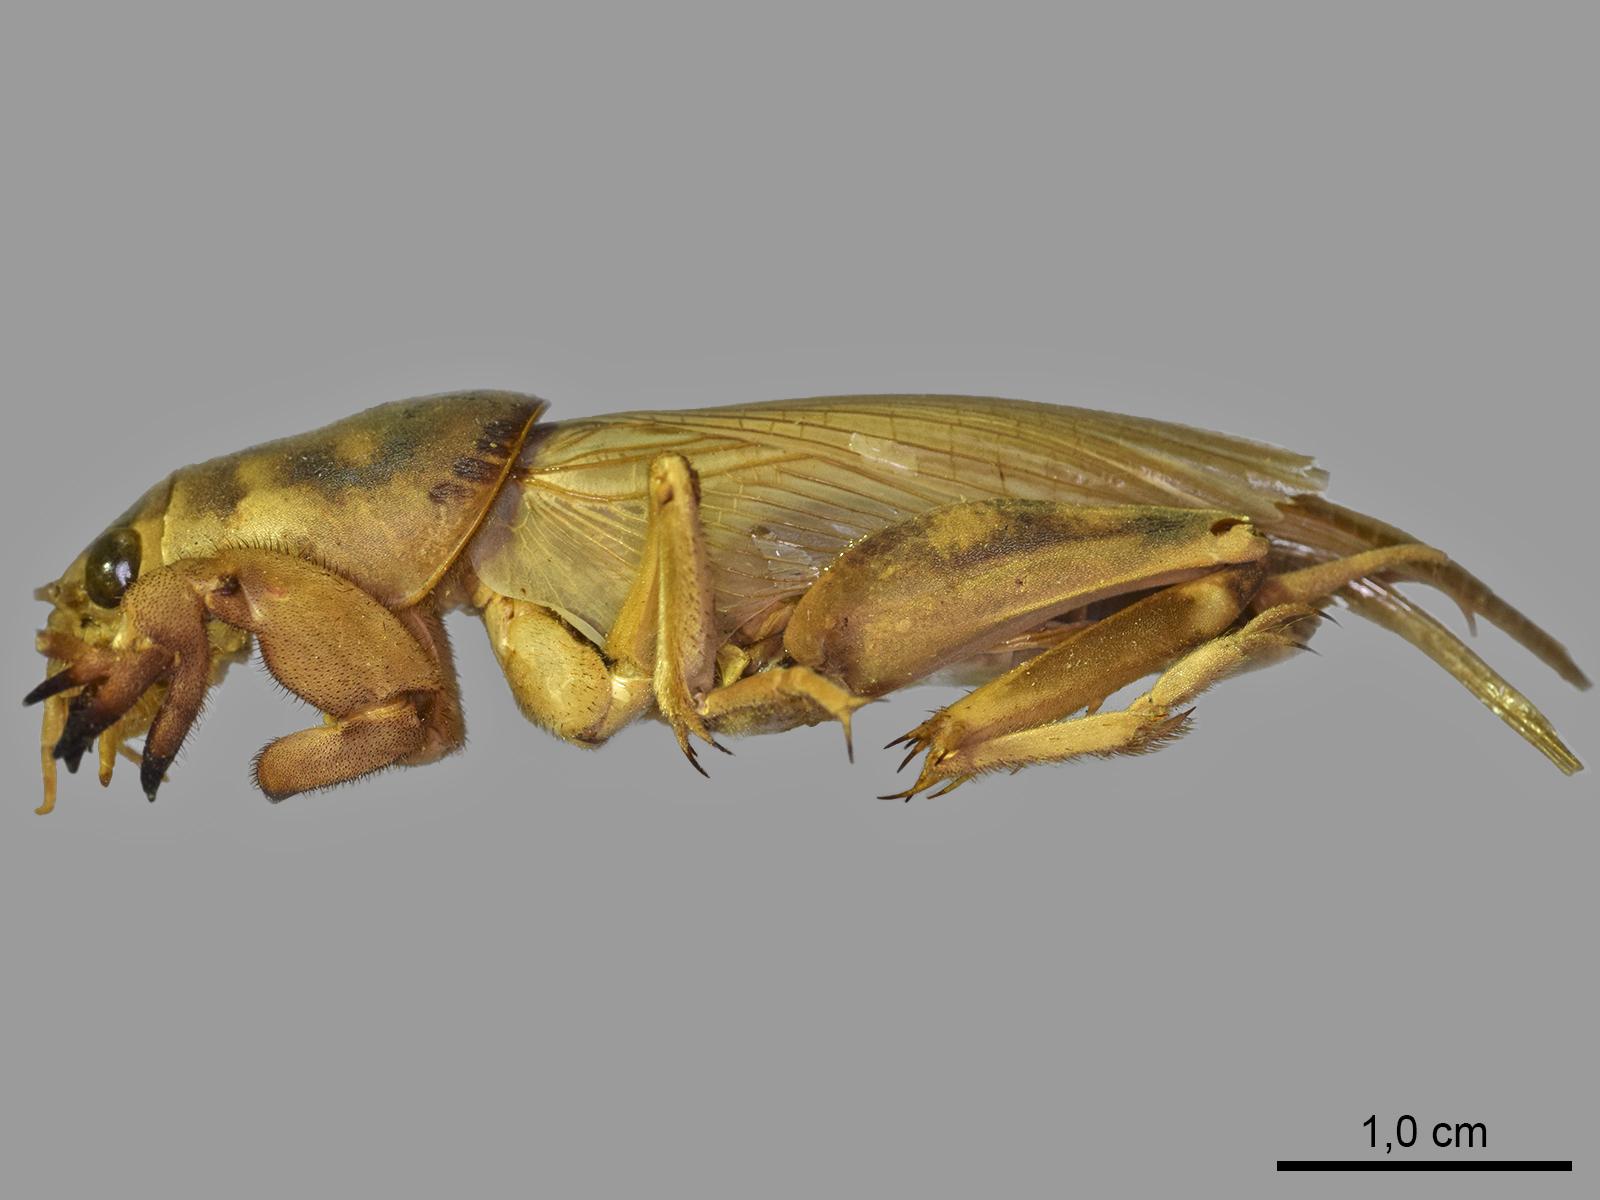 Scapteriscus oxydactylus (Perty, 1832)